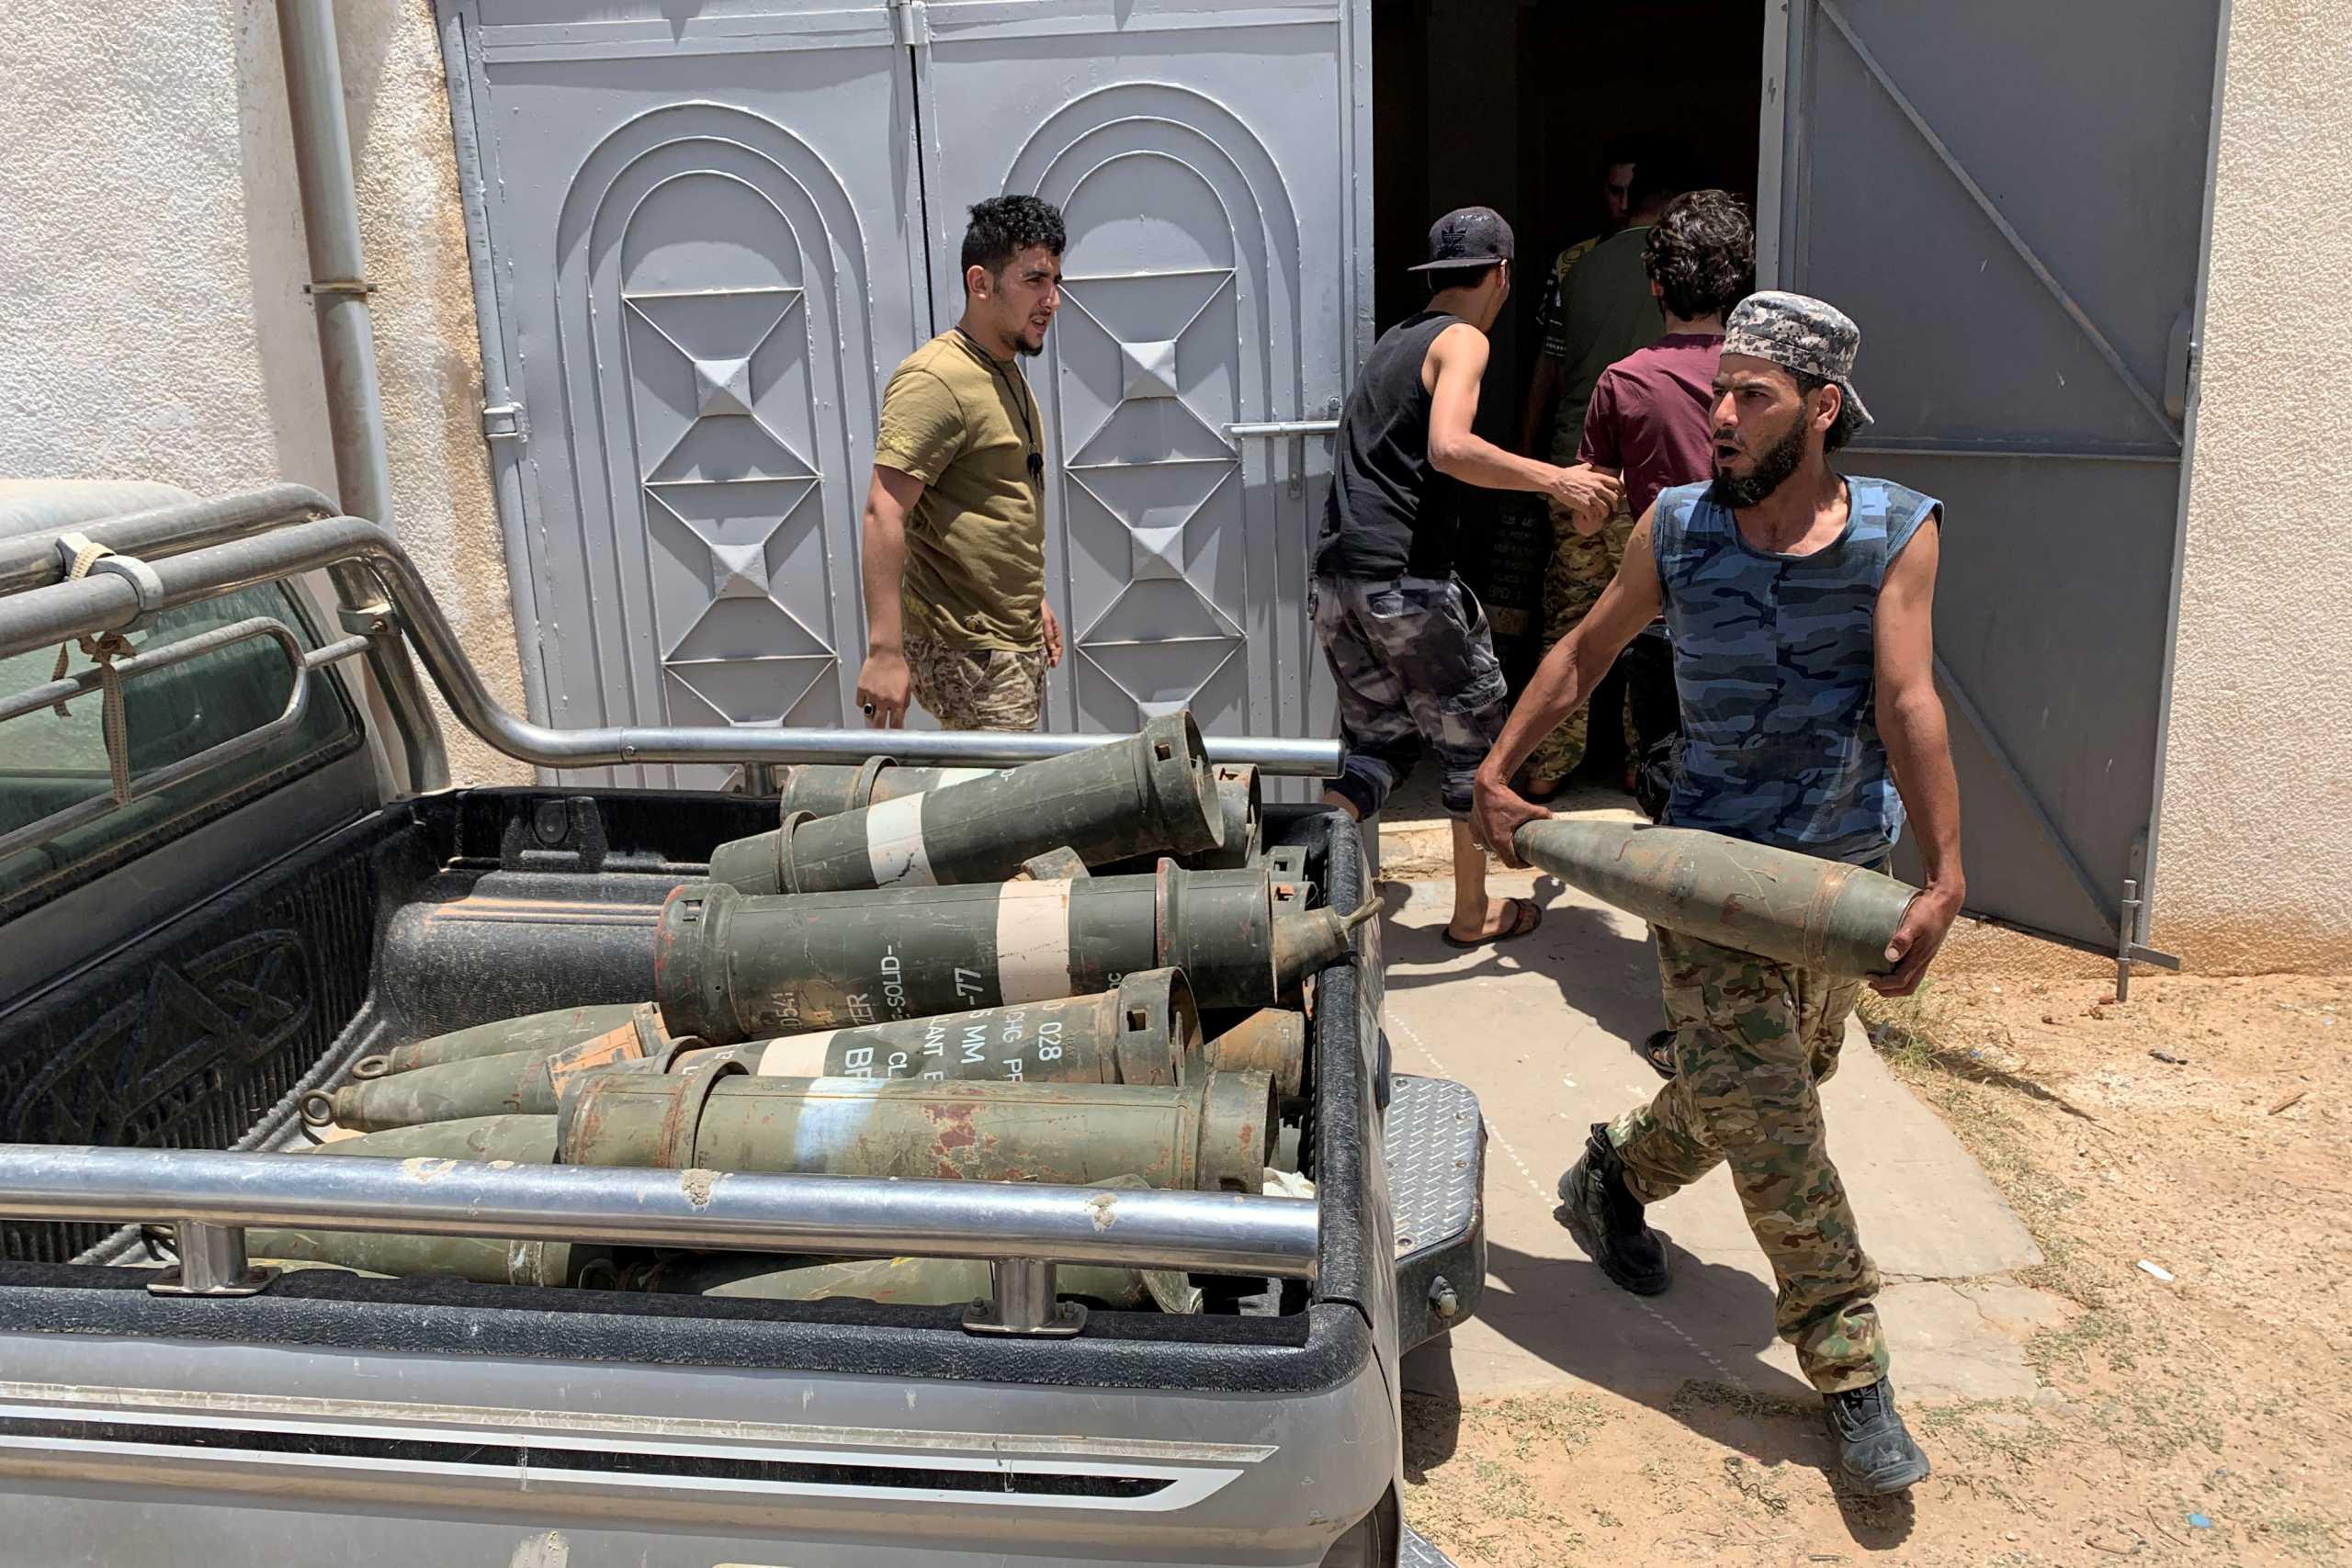 Λιβύη: Ξεκινά η «αρχή του τέλους» για τους μισθοφόρους της Τουρκίας